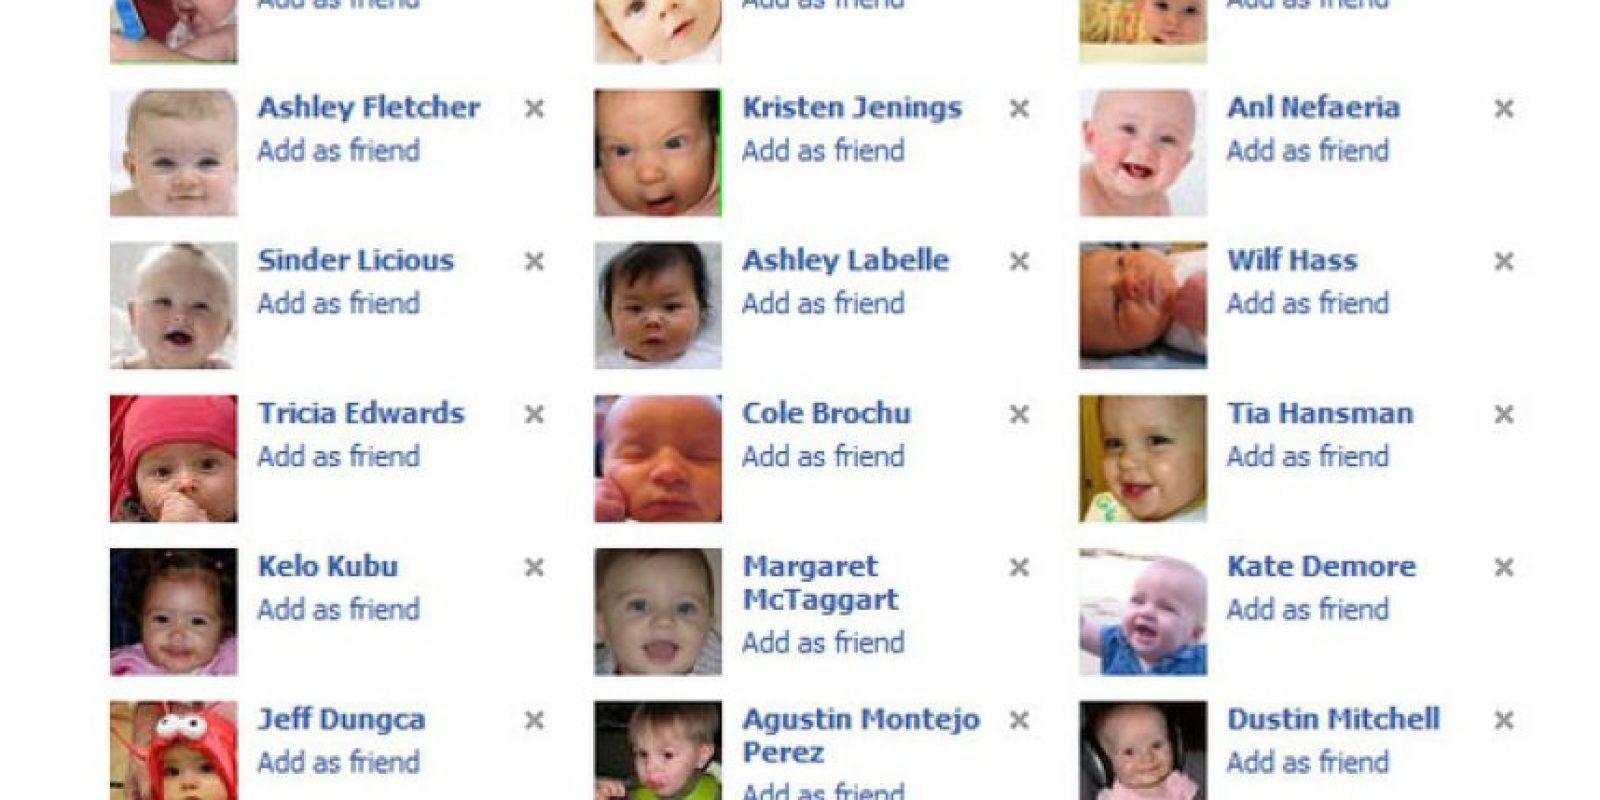 4. Perfiles con fotos infantiles: Es una especie de virus en Facebook. Llega a ser tierna hasta cierto punto, pero luego, cansa. Sobre todo, como se dijo, si es viral. Foto:Buzzfeed